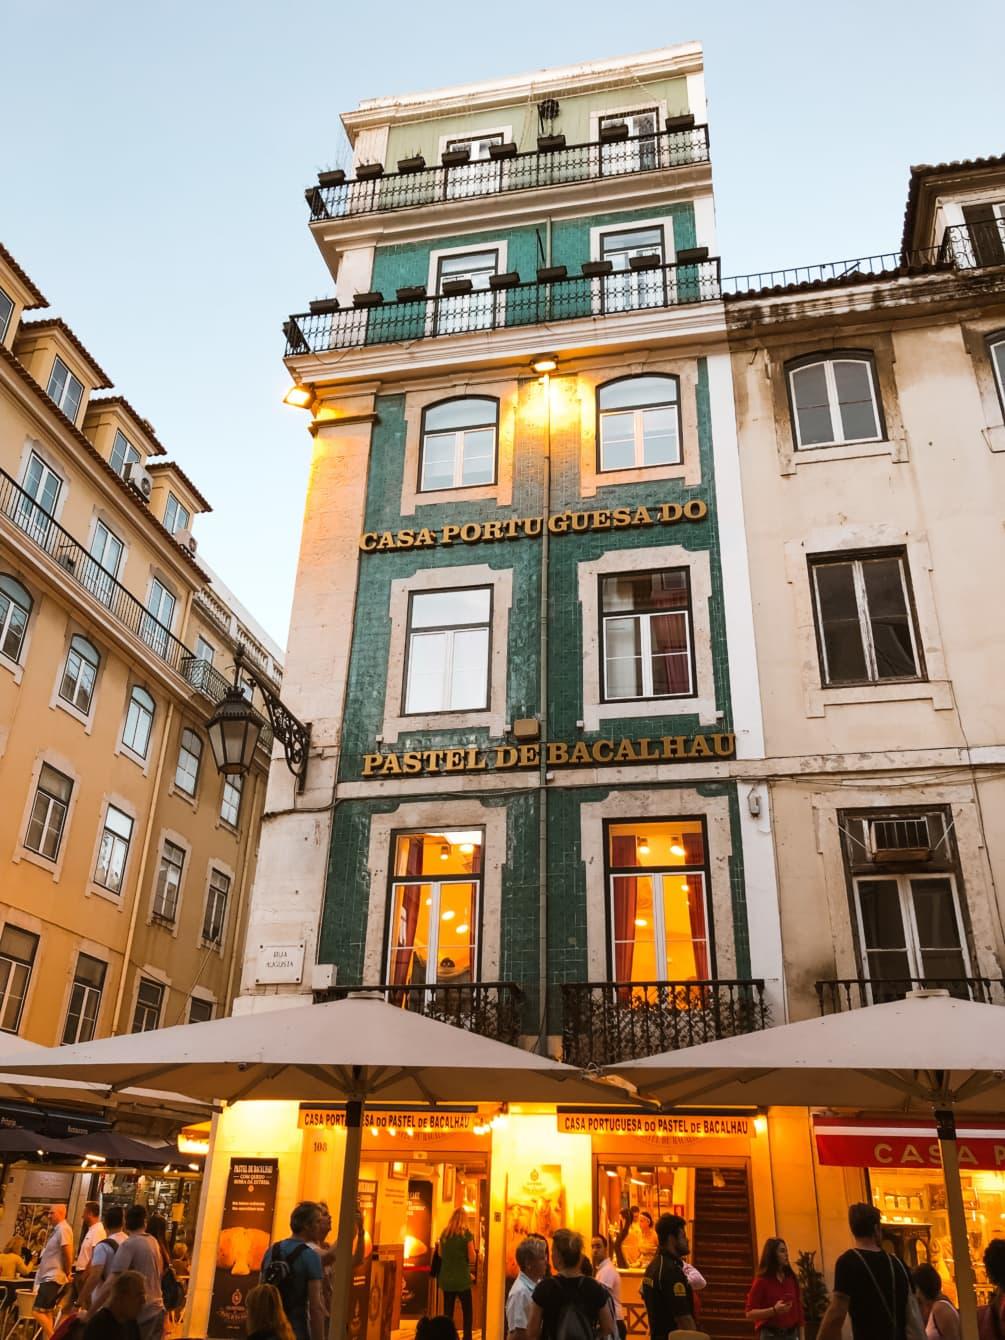 Das Casa Portuguesa do Pastel de Bacalhau